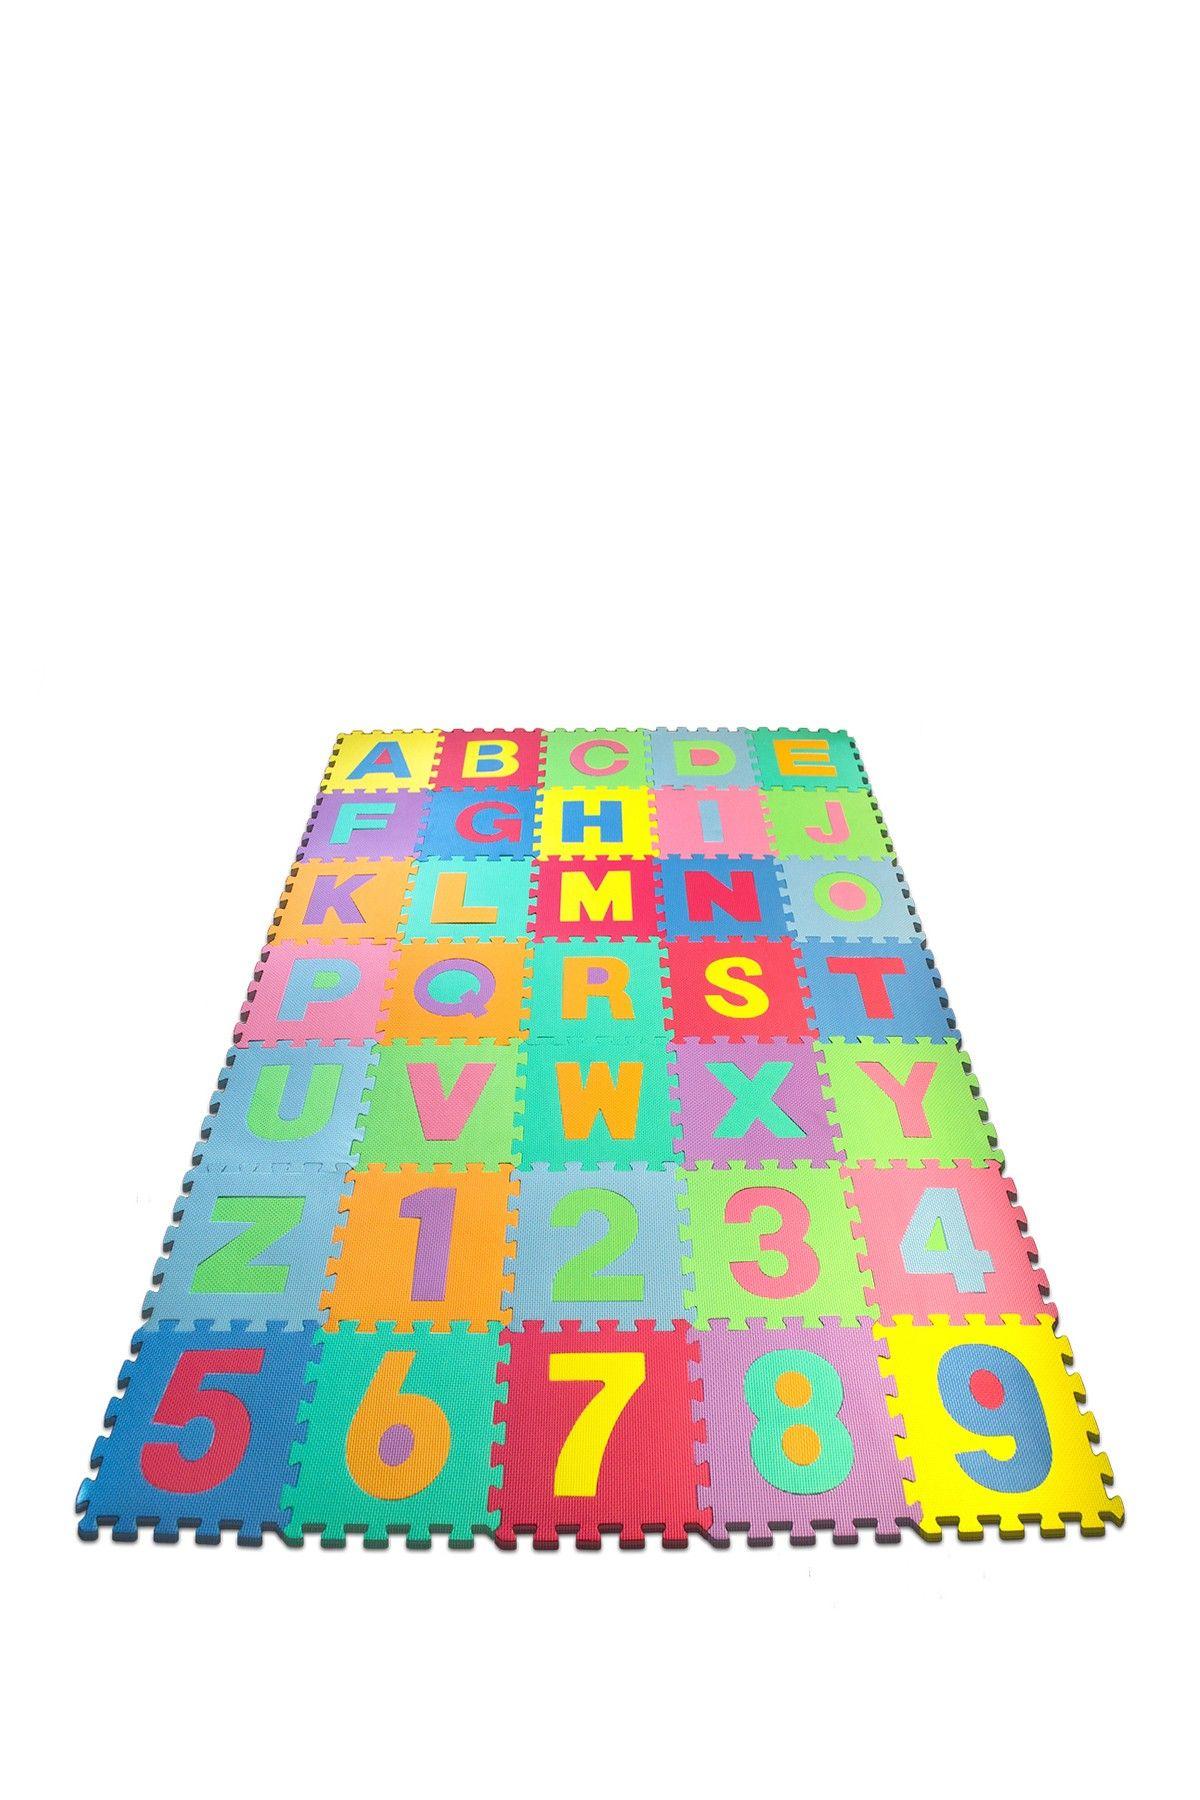 Sorbus Multi Foam Floor Alphabet Number 36 Piece Puzzle Mat Foam Flooring Puzzle Mat Flooring